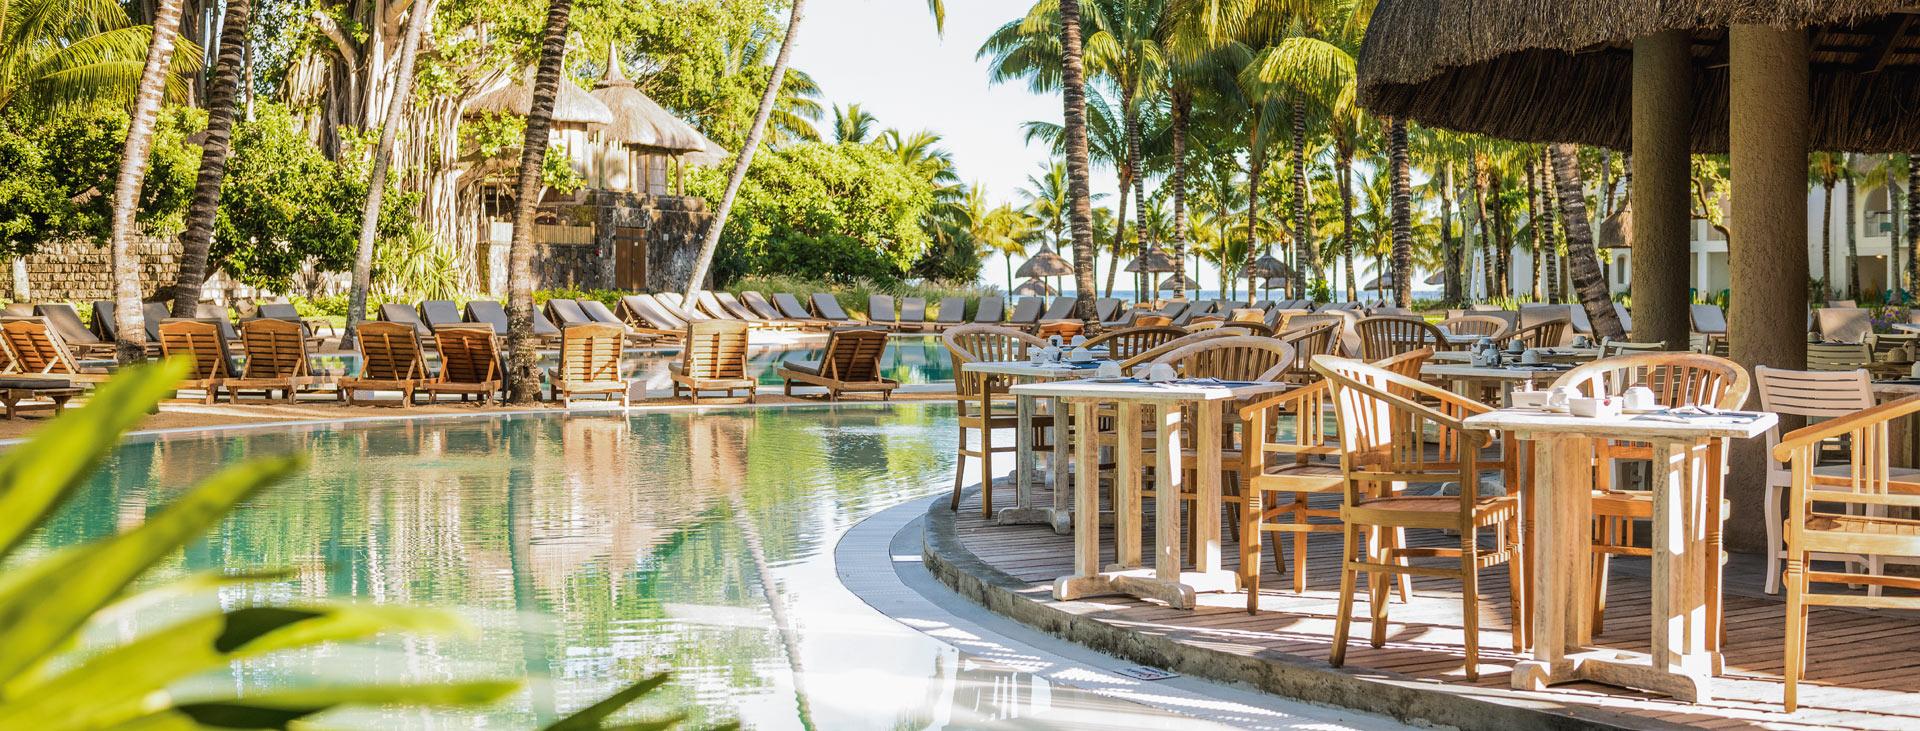 Canonnier Beachcomber Golf Resort & Spa, Mauritius, Mauritius